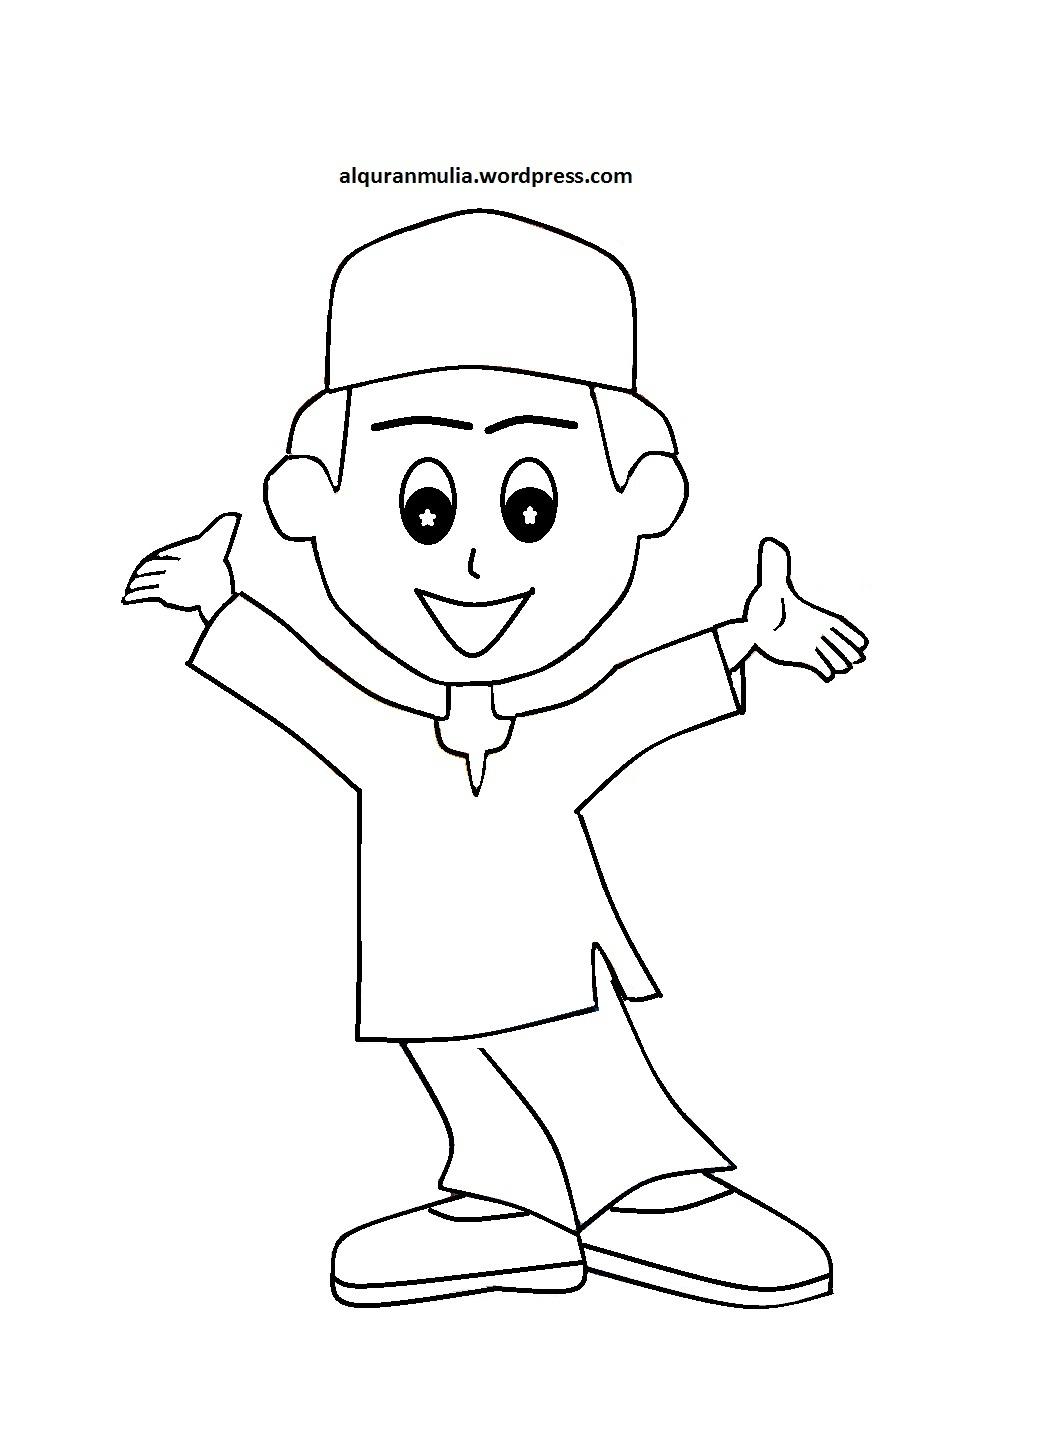 Mewarnai Gambar Kartun Anak Muslim 11  alquranmulia